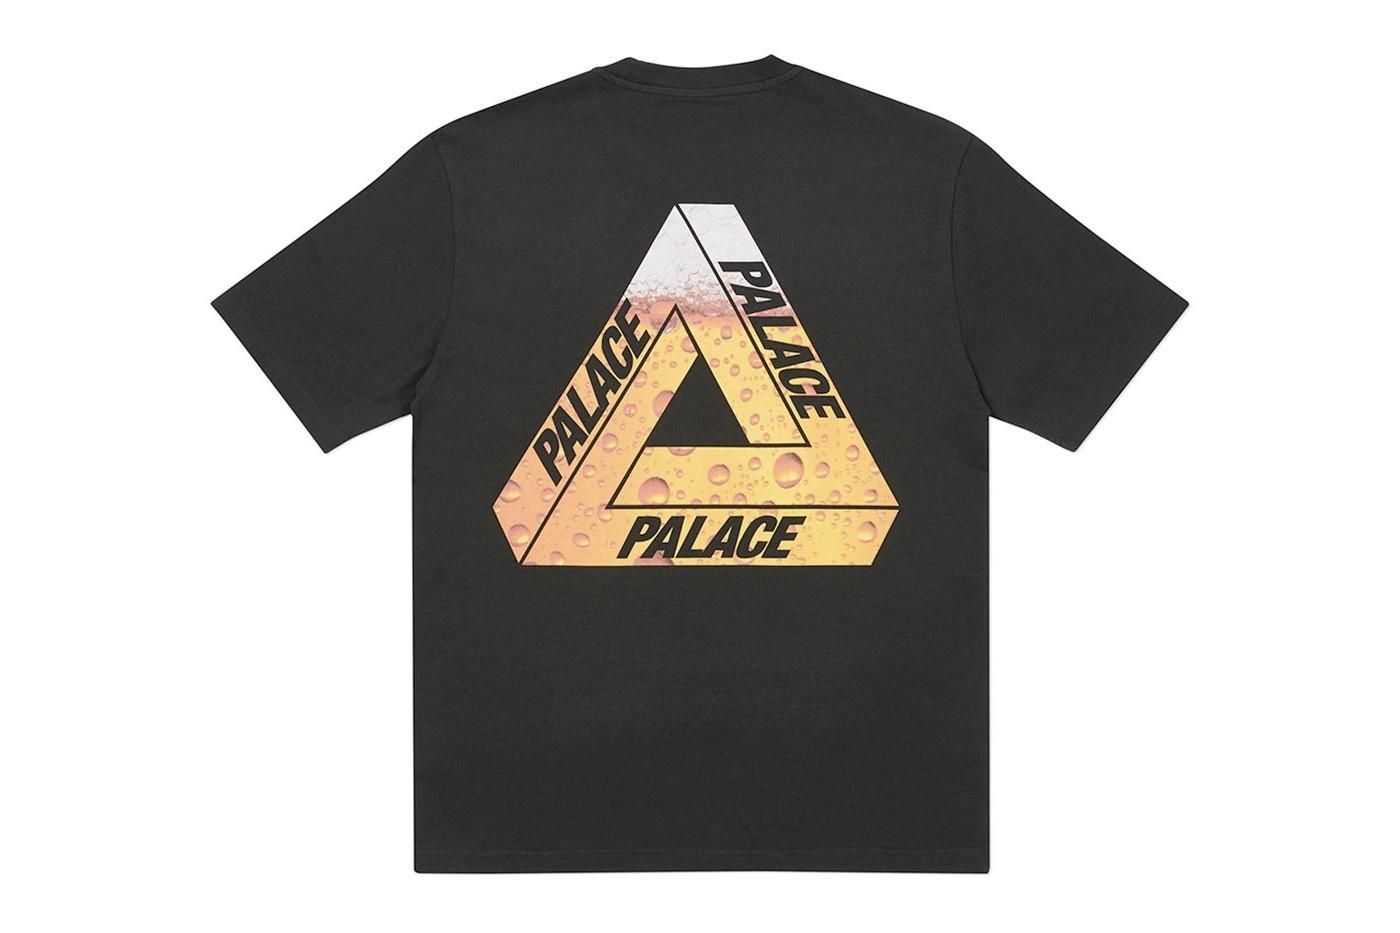 Palace Winter 2020 Tri-Ferg T-shirt